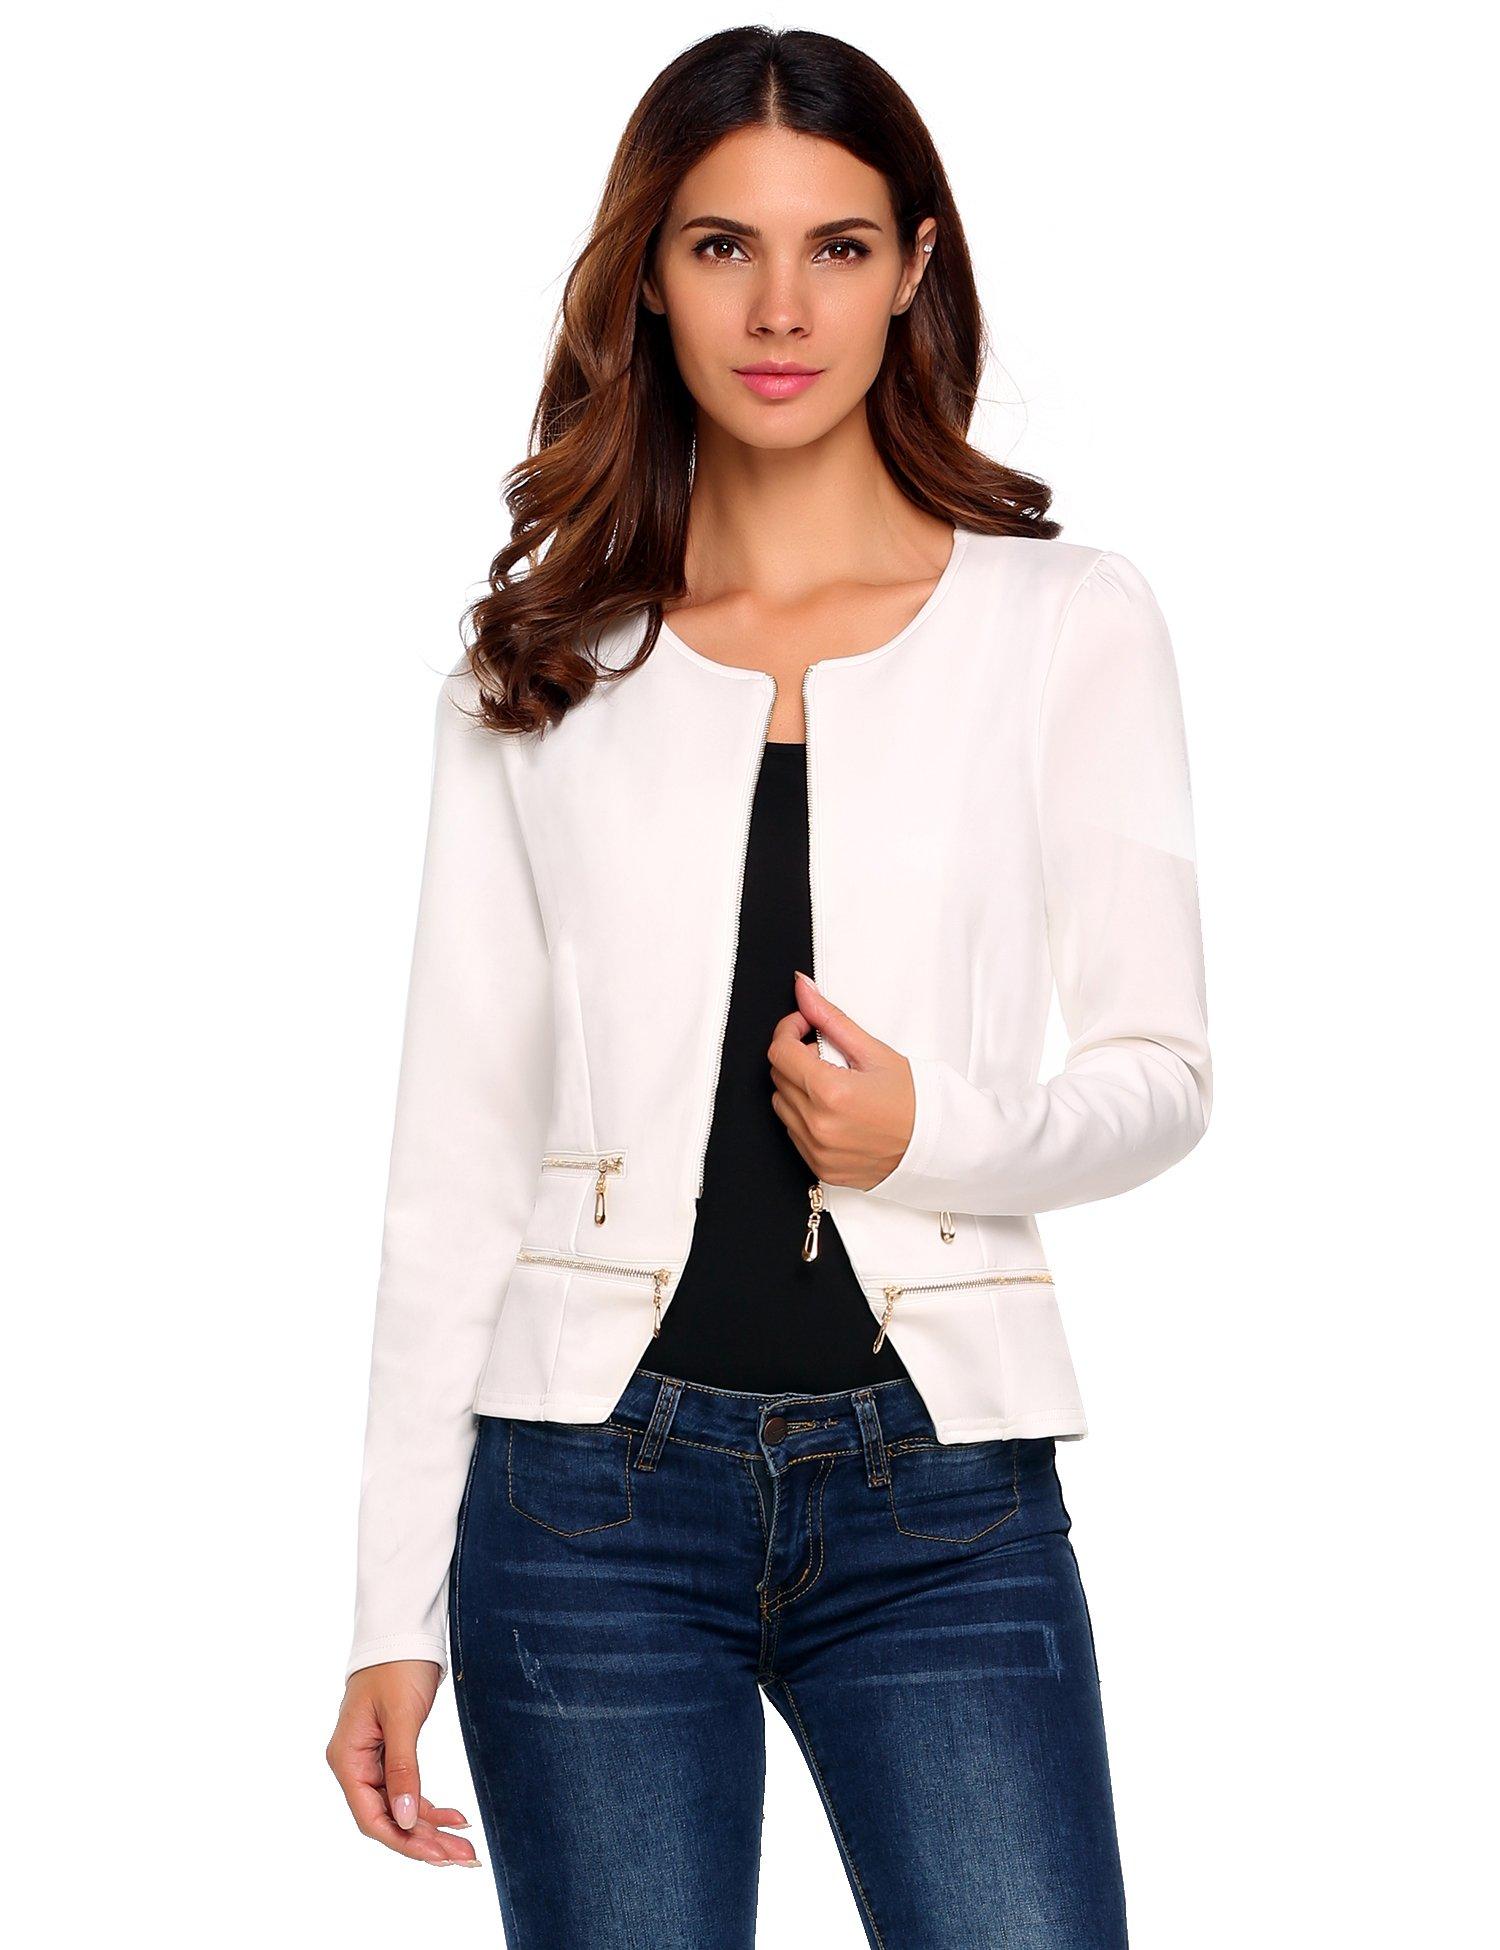 Zeagoo Women's Casual Zipper Cardigan Blazer O Neck Slim Fitted Office Jacket (L, White) by Zeagoo